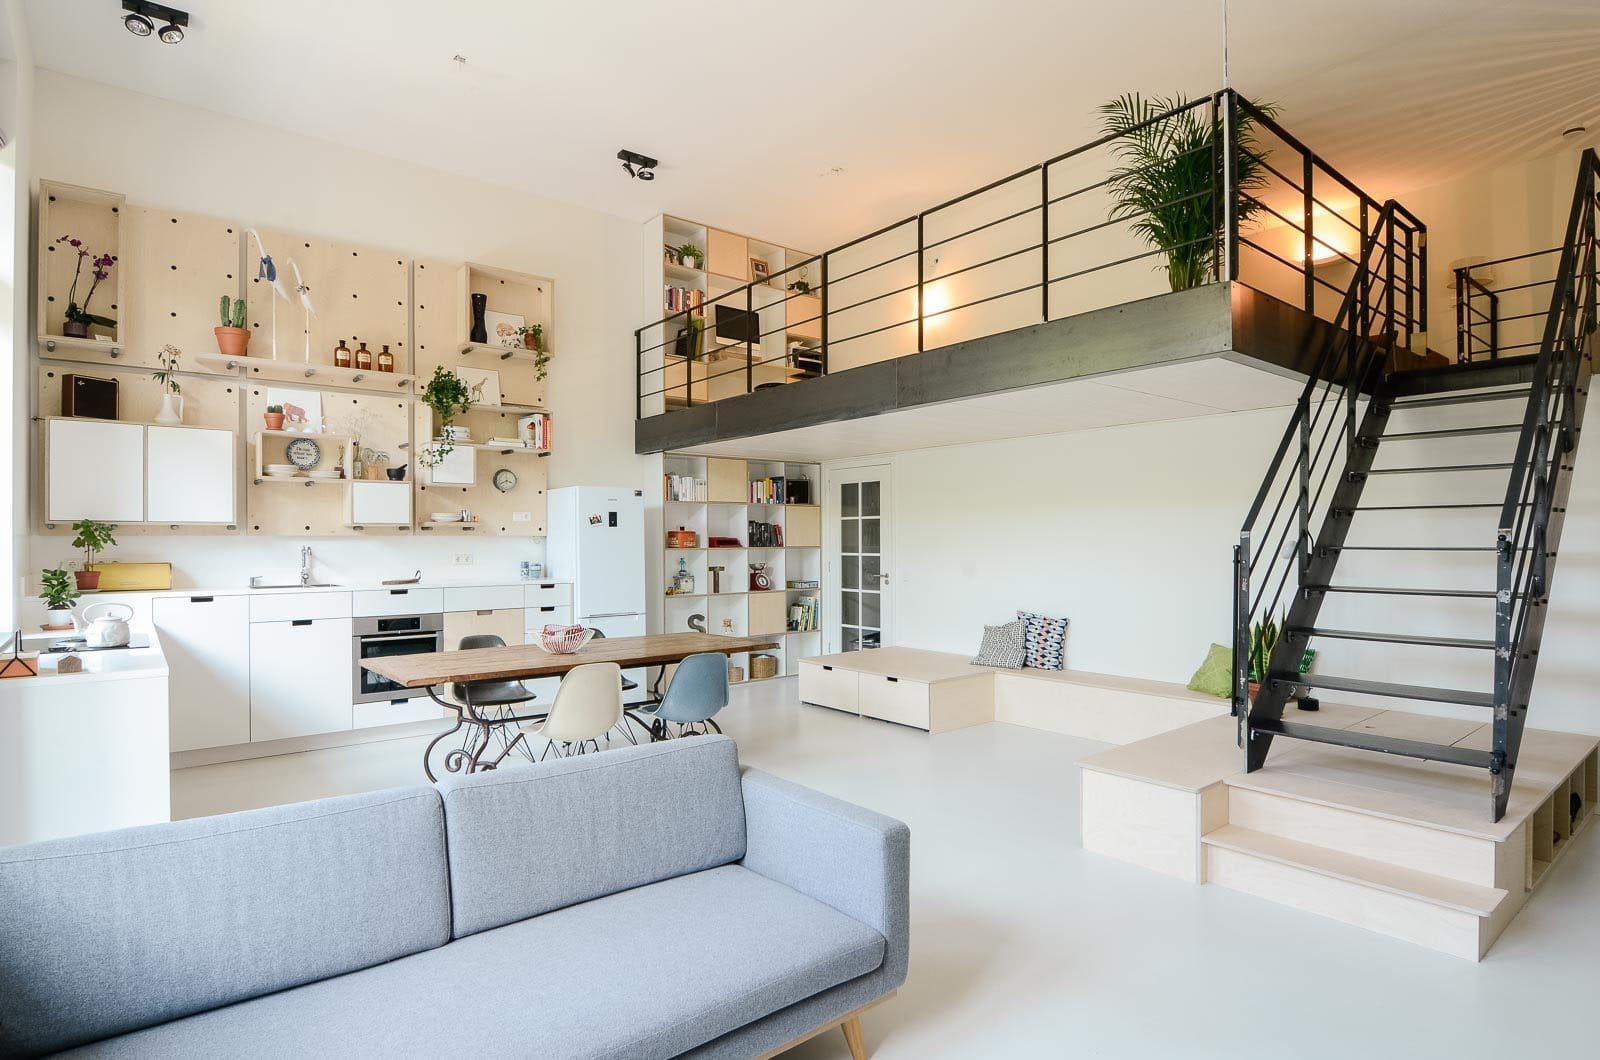 Studio interior design